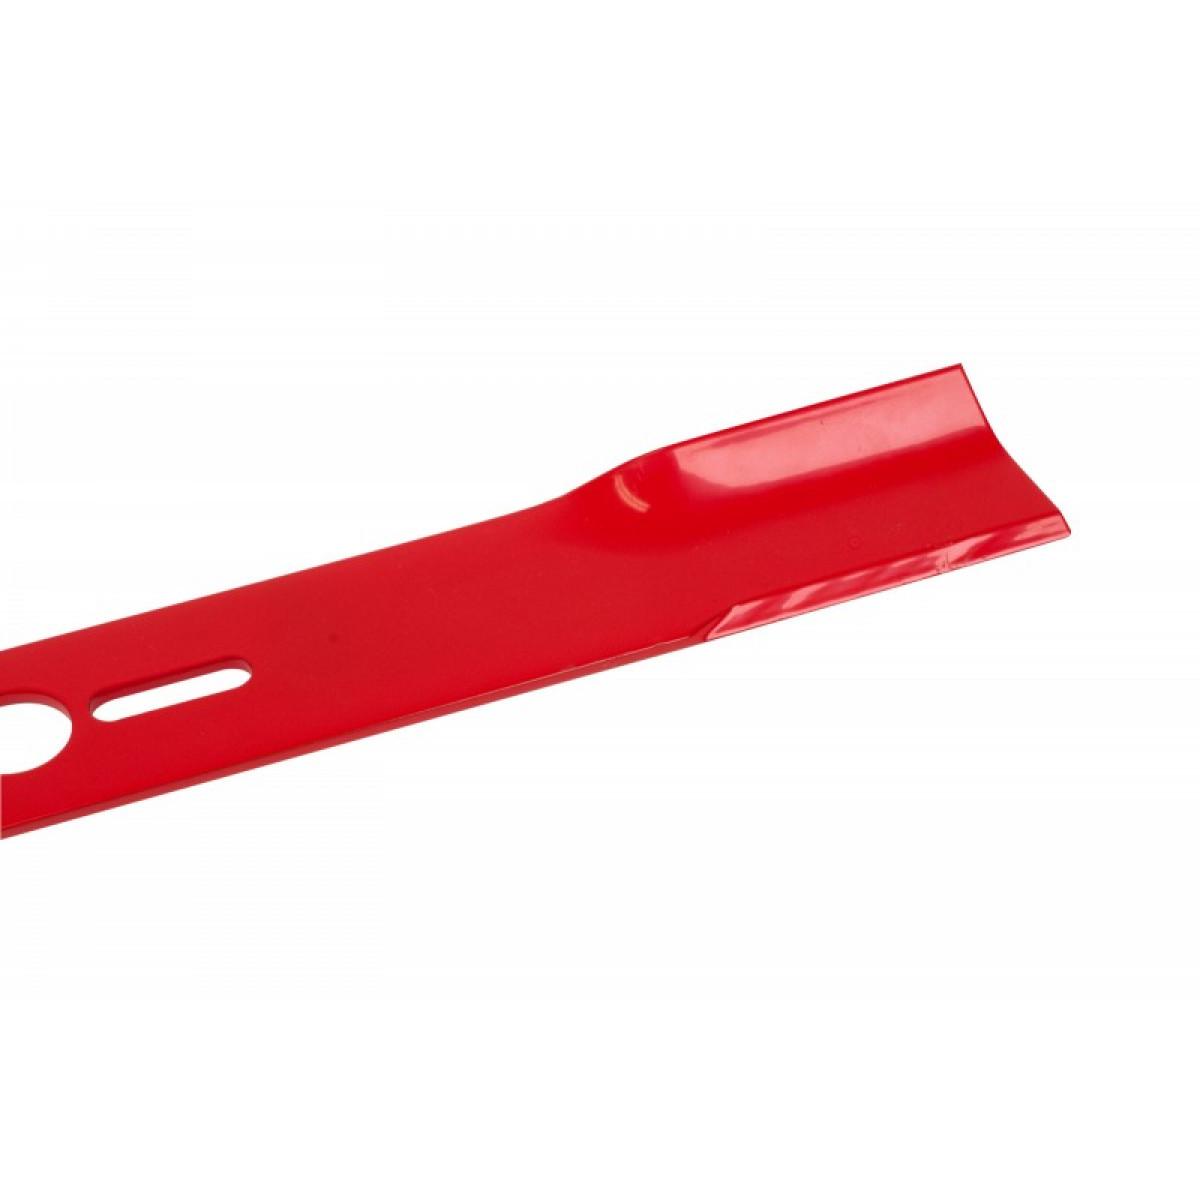 Univerzální nůž do sekačky 47,6cm / 19'' - rovný - OREGON